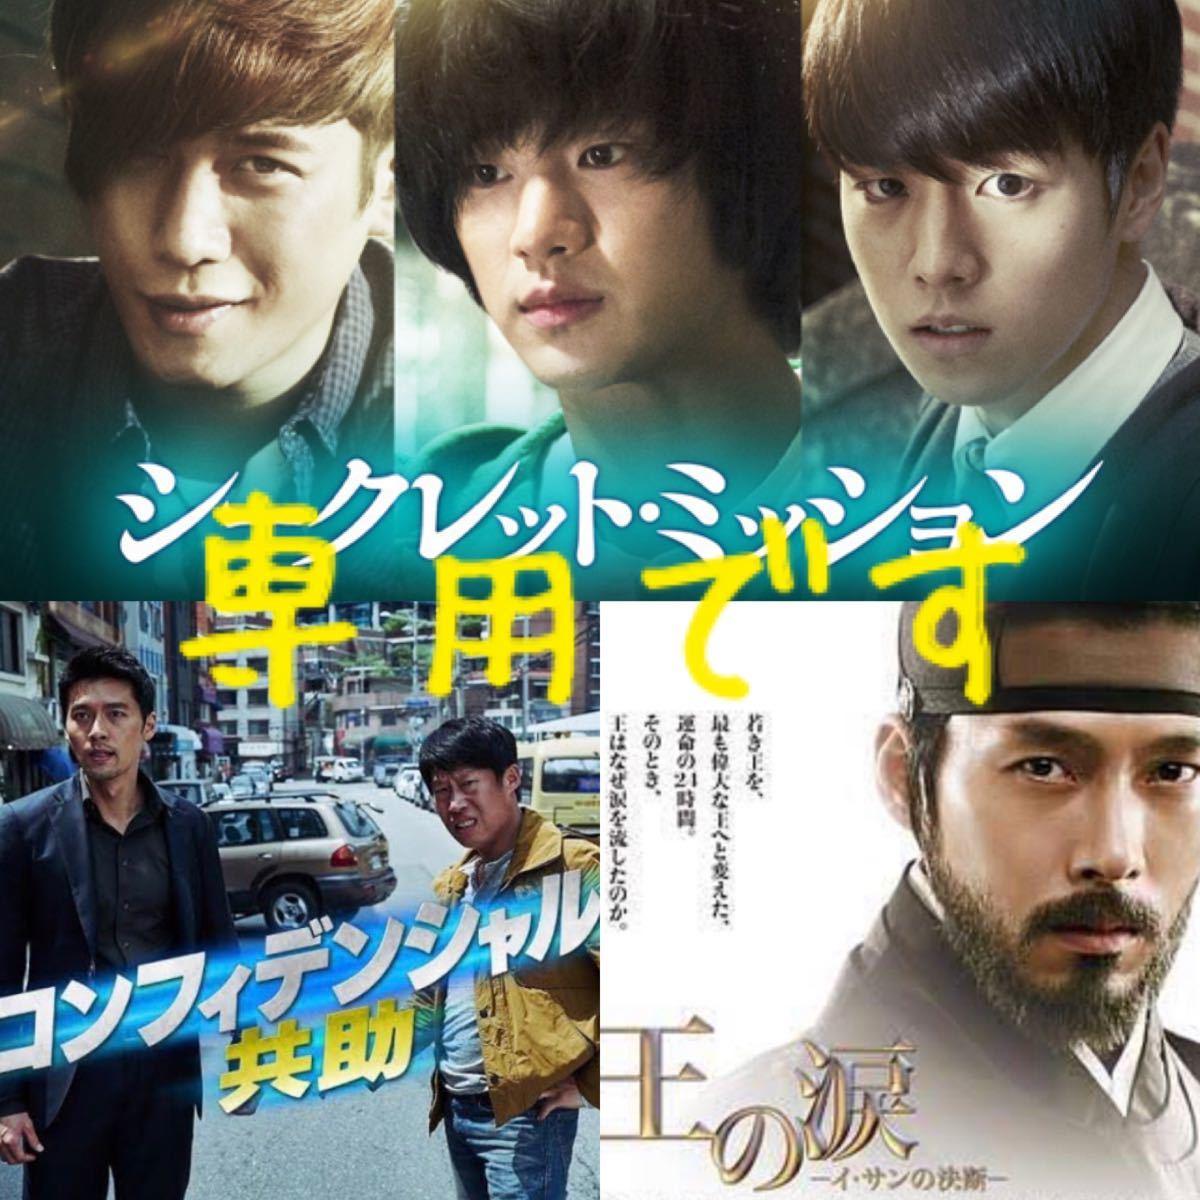 専用です。韓国映画  DVD  3点セット 日本語吹替有り  レーベル有り